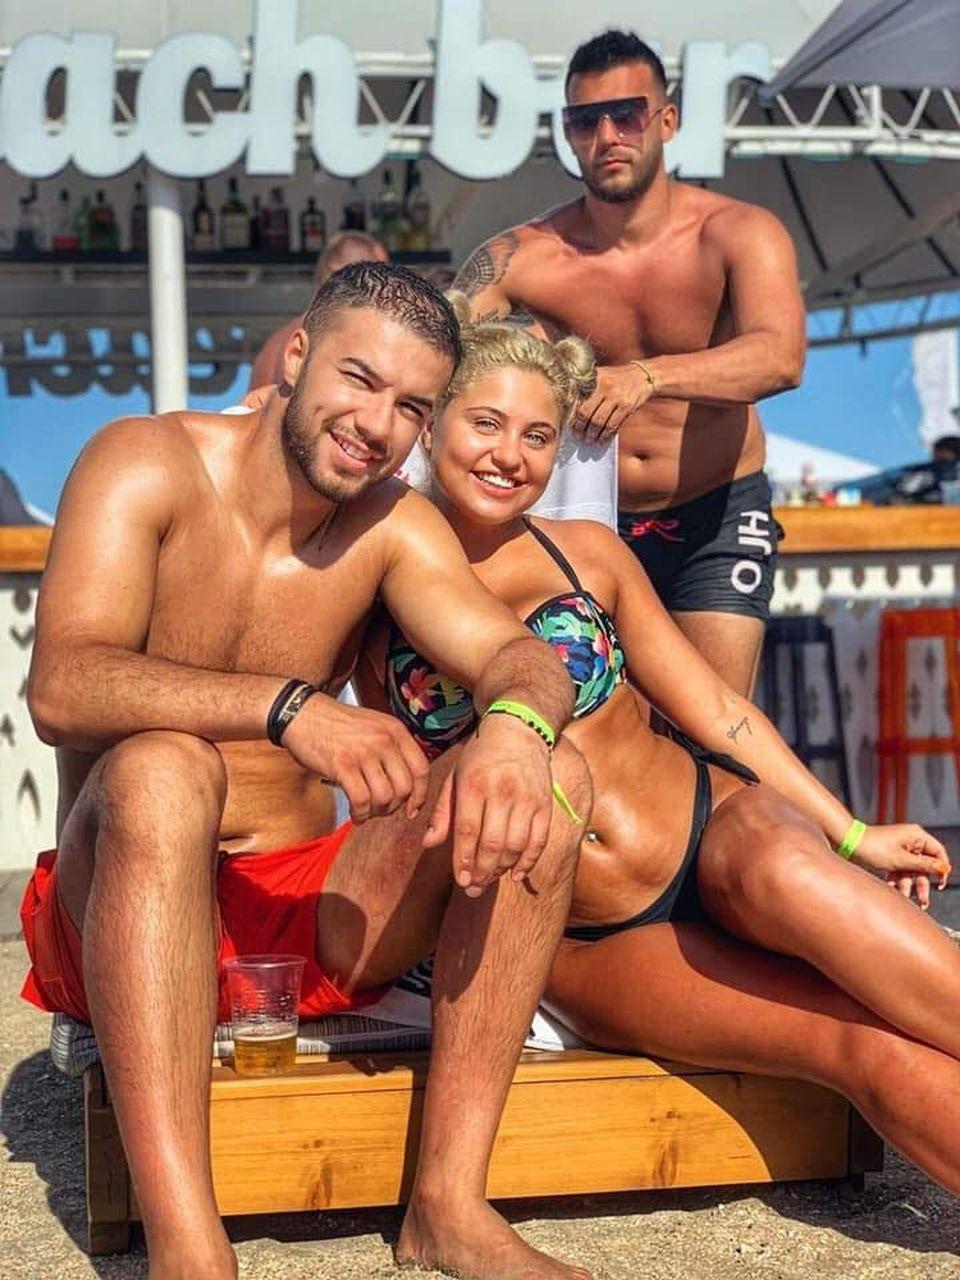 Fotografie de infarct pe plajă! Cum s-a fotografiat Plușica alături de Culiță Sterp